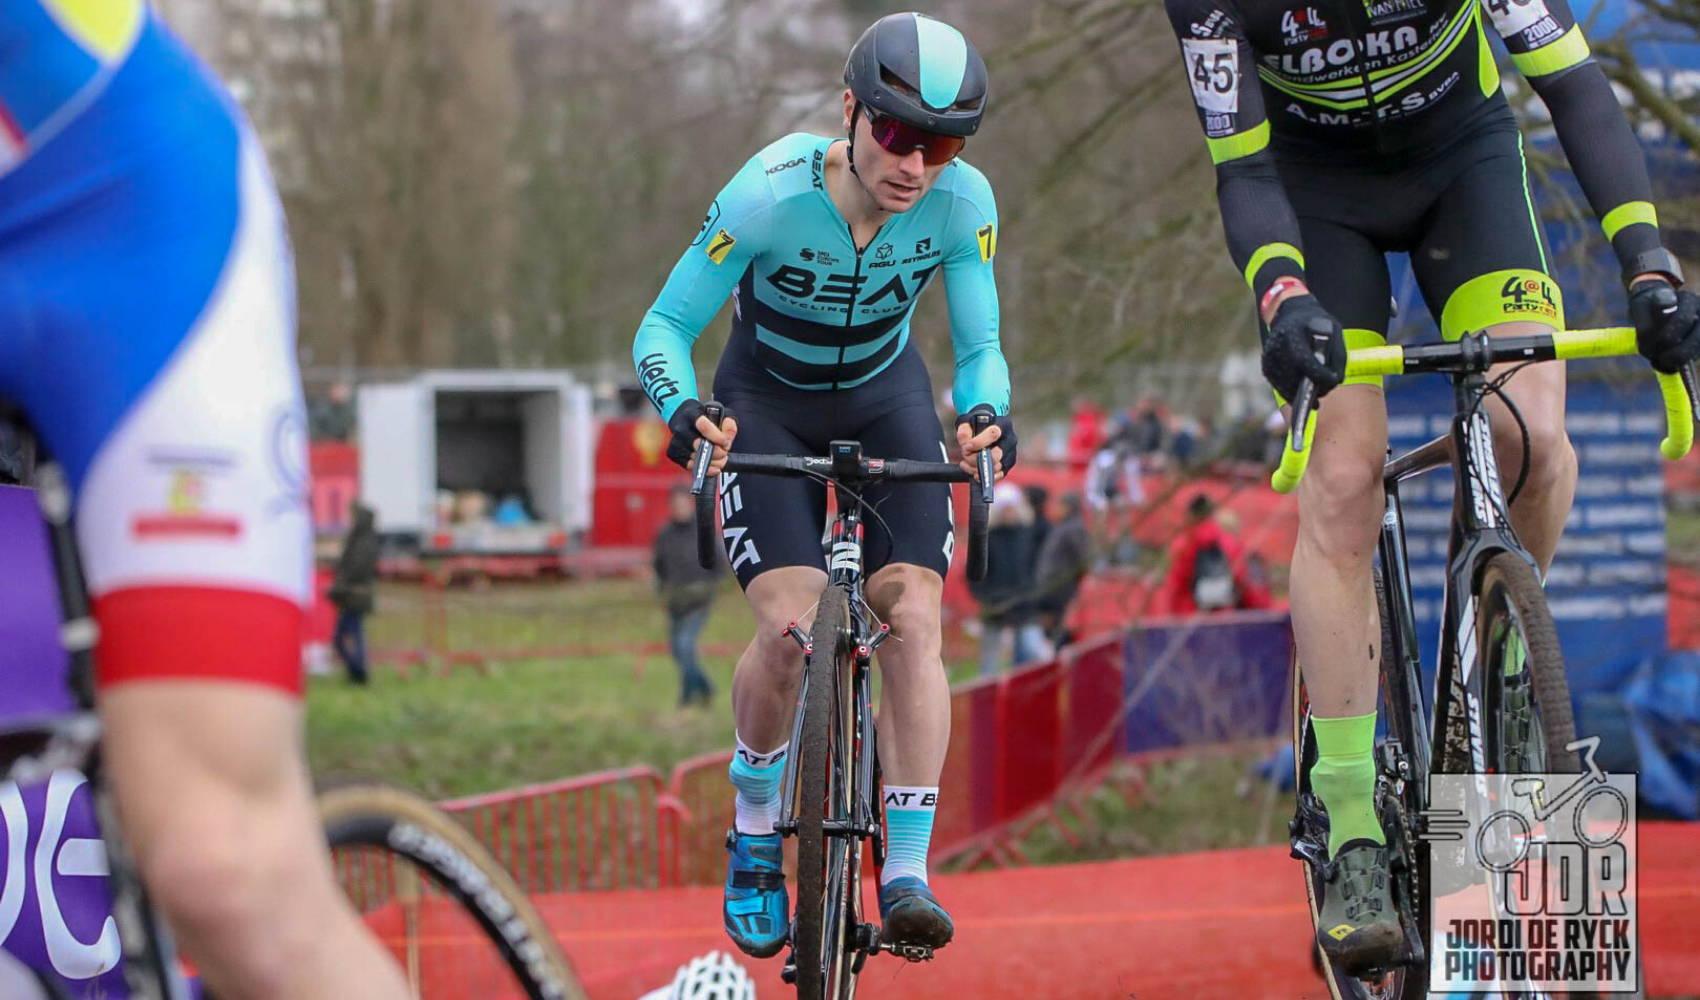 Yves Coolen van BEAT Cycling Club tijdens het BK Veldrijden in Antwerpen op 12 januari 2020